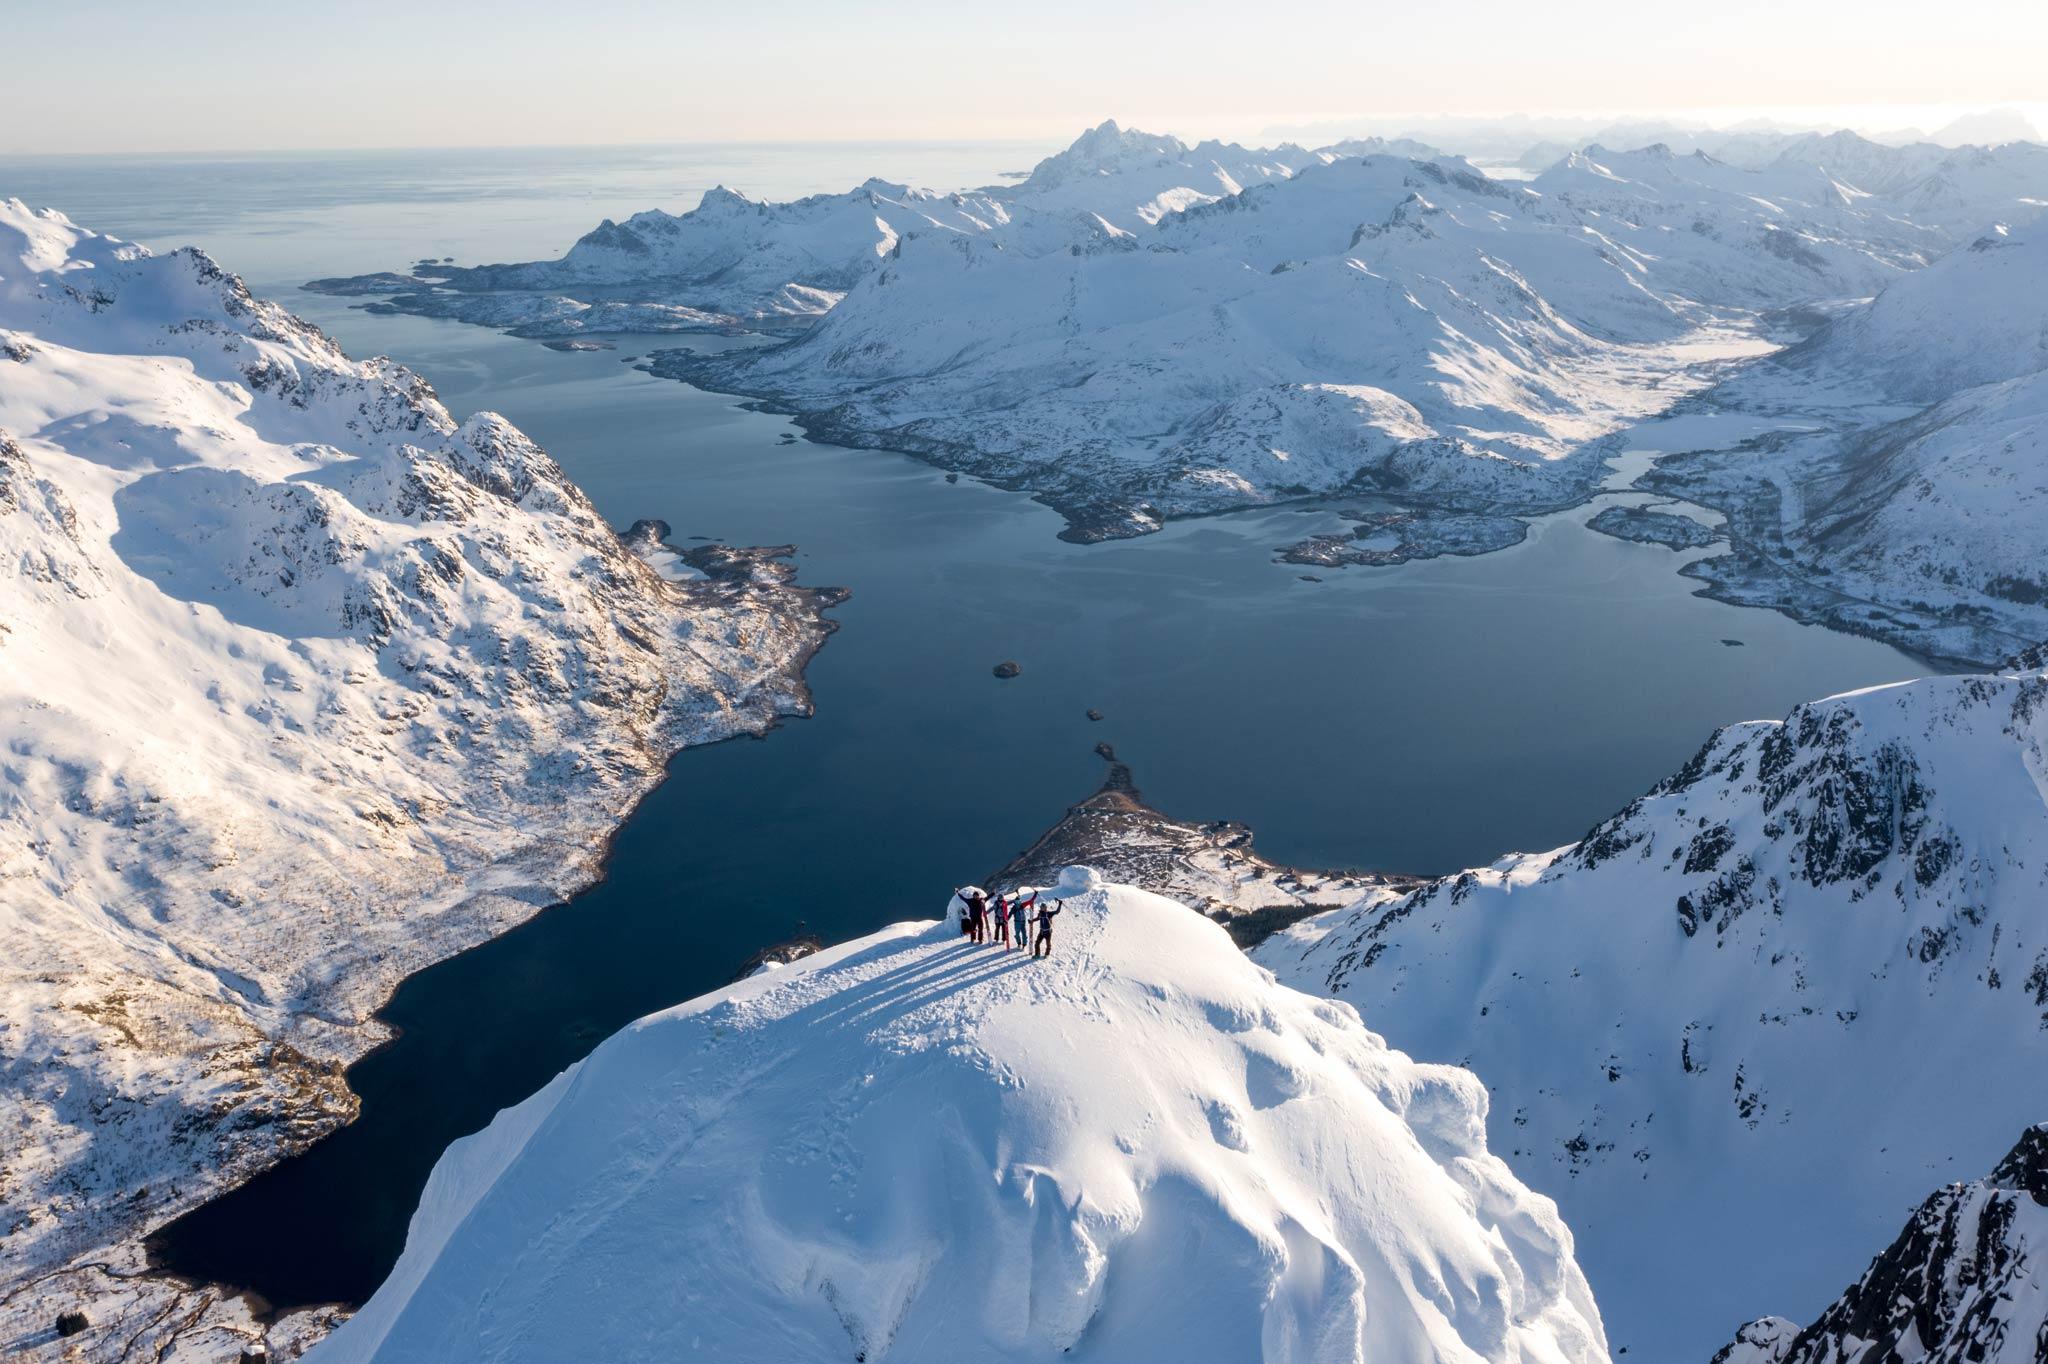 In diese Landschaft muss man sich einfach verlieben: Die Lofoten in Norwegen. - Foto: Inigo Grasset